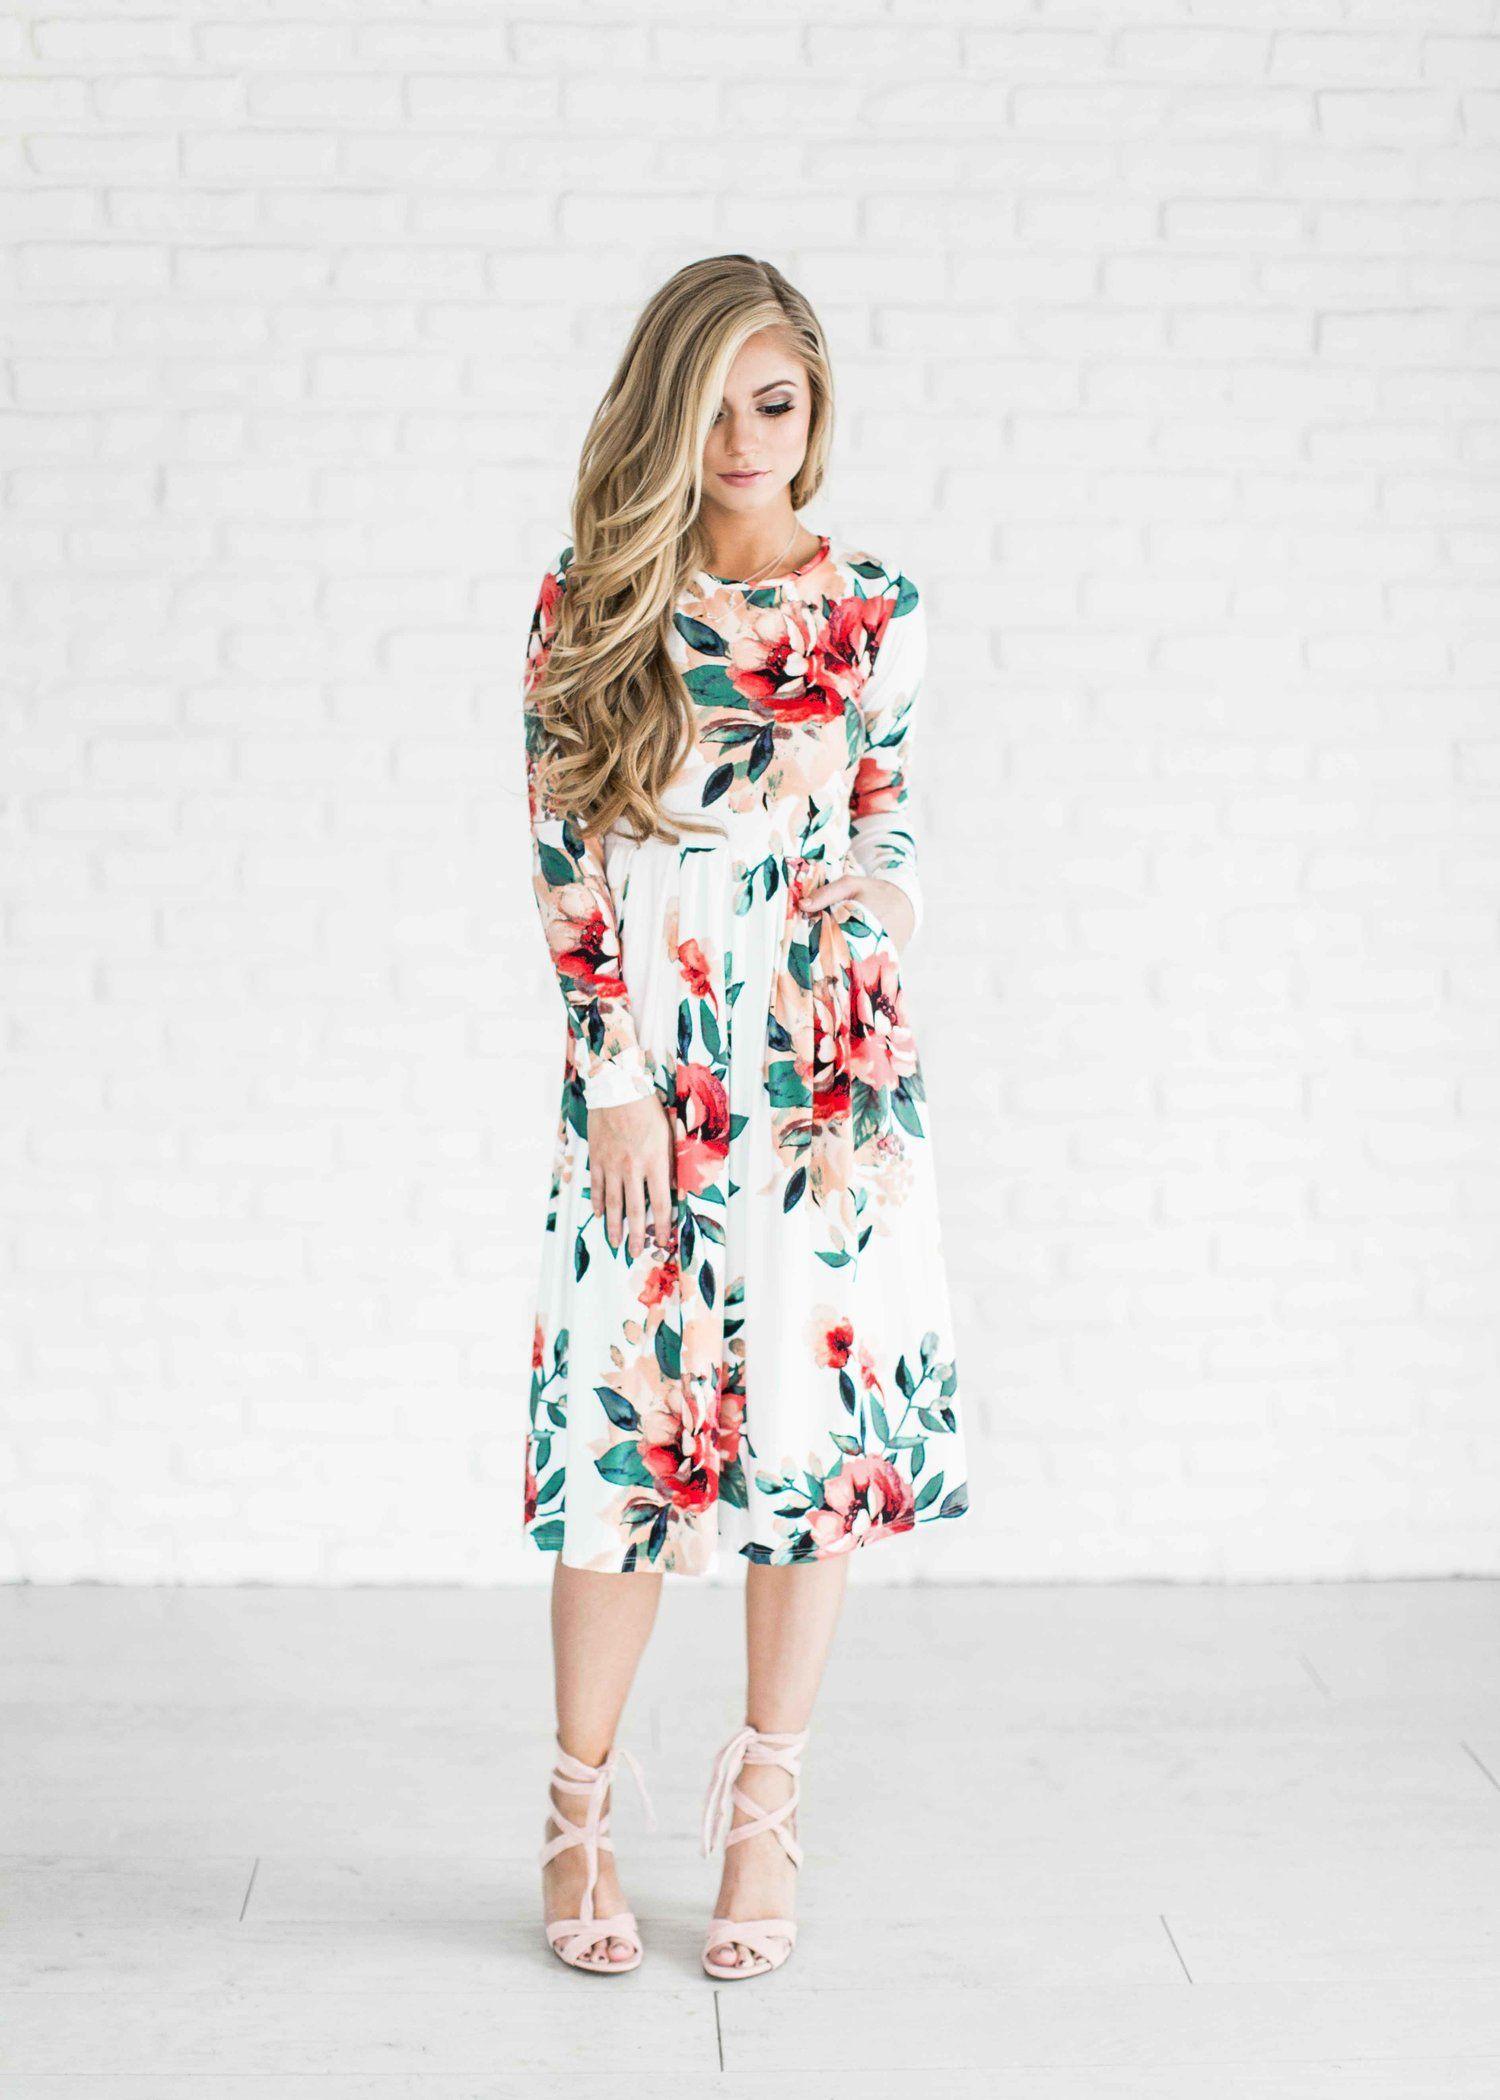 floral, spring dress, floral dress, easter dress, shop ...